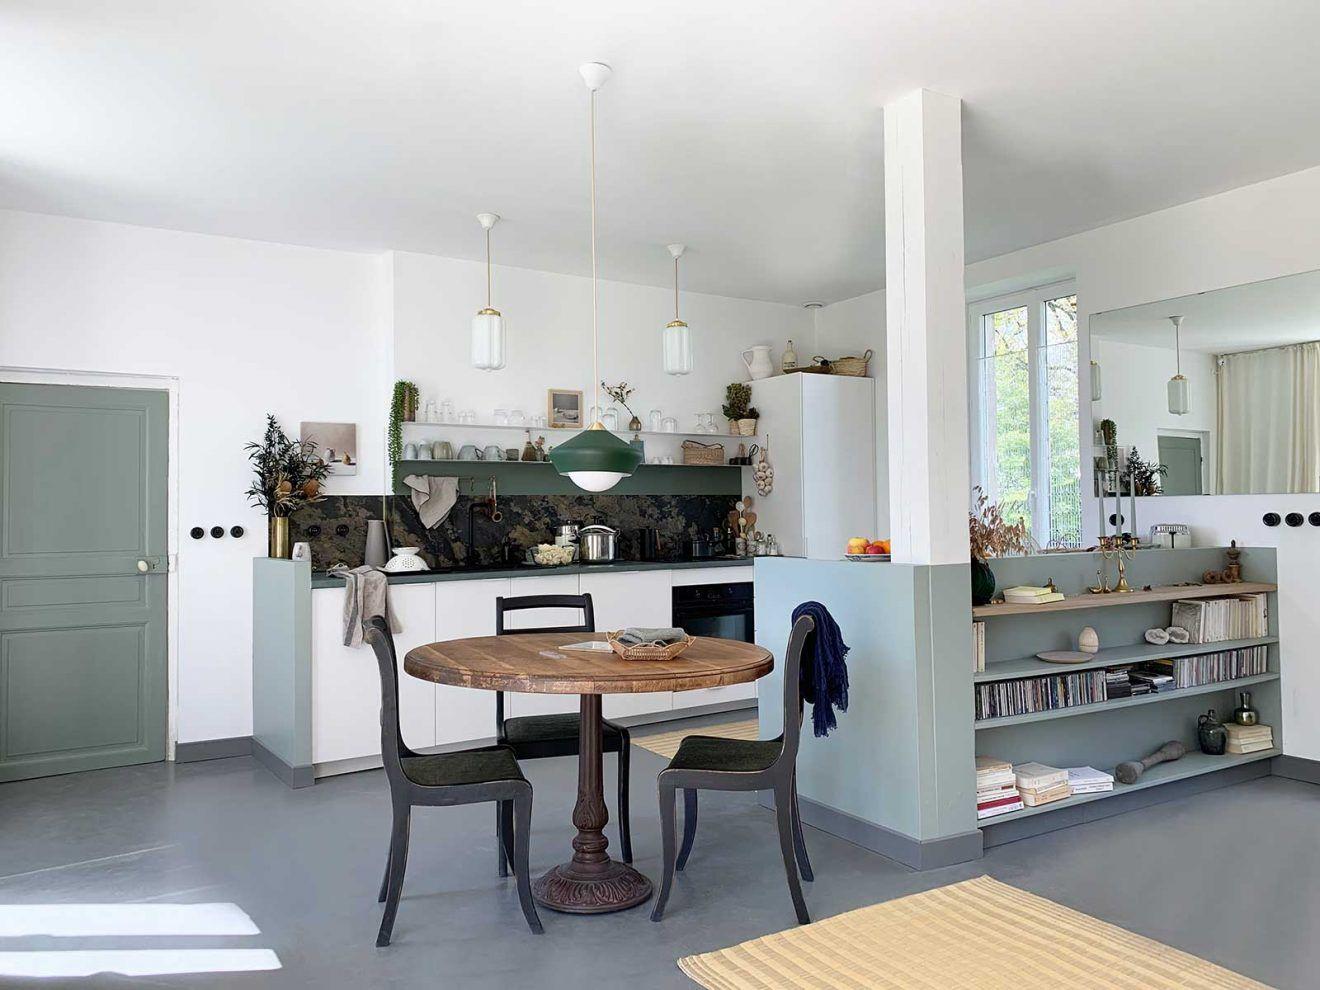 Final Report La Cuisine Table En Chene Amenagement Interieur